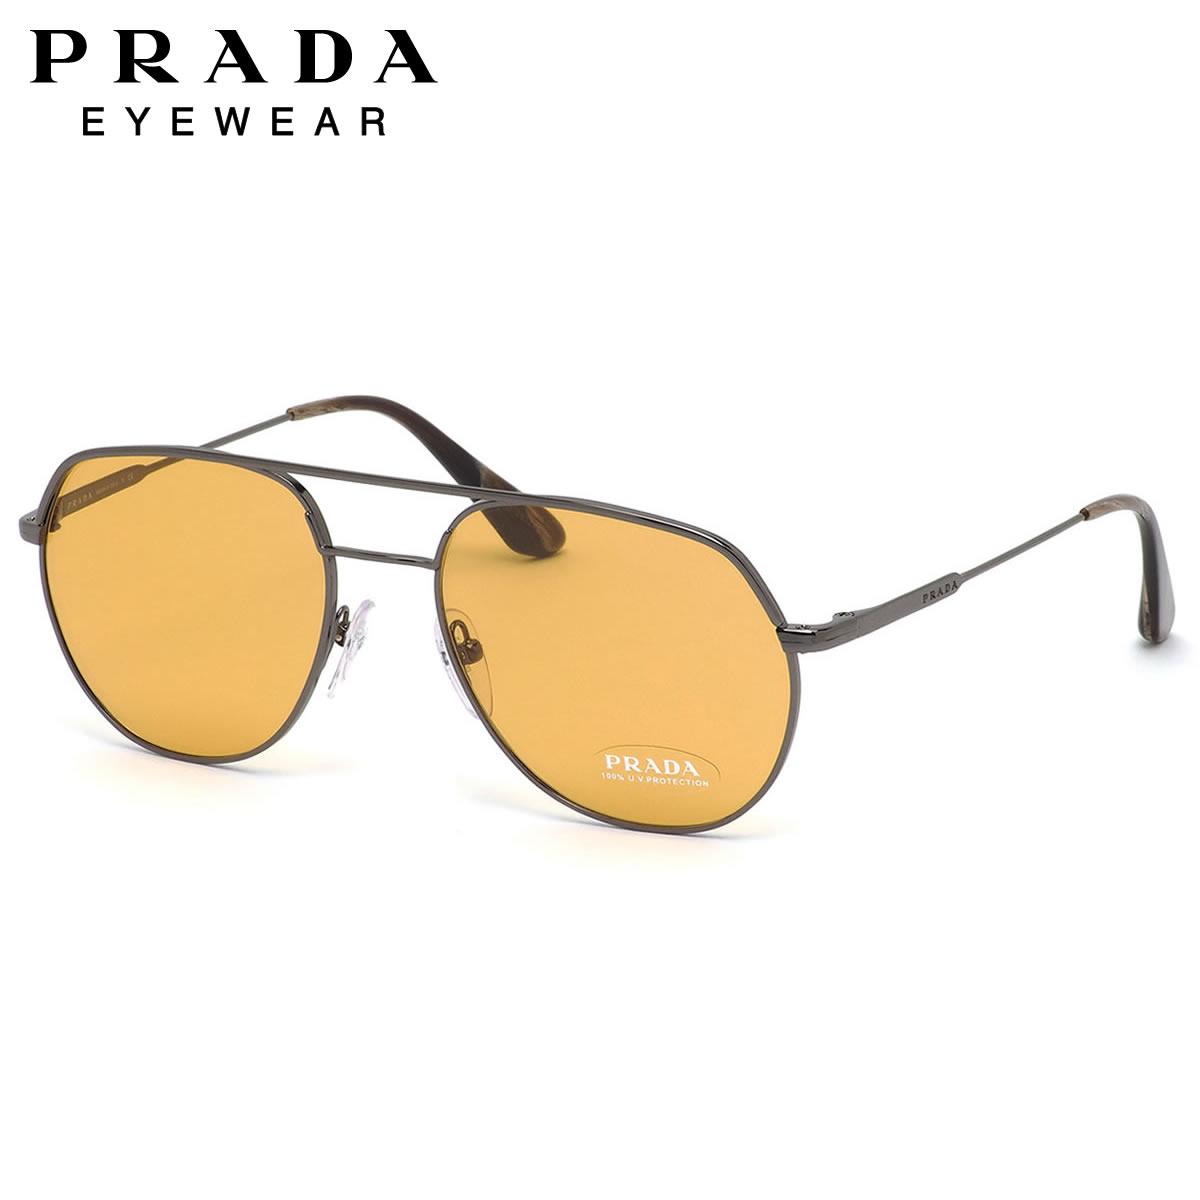 【10月30日からエントリーで全品ポイント20倍】プラダ PRADA サングラスPR55US 5AV0B7 54サイズツーブリッジ プラダ PRADA メンズ レディース